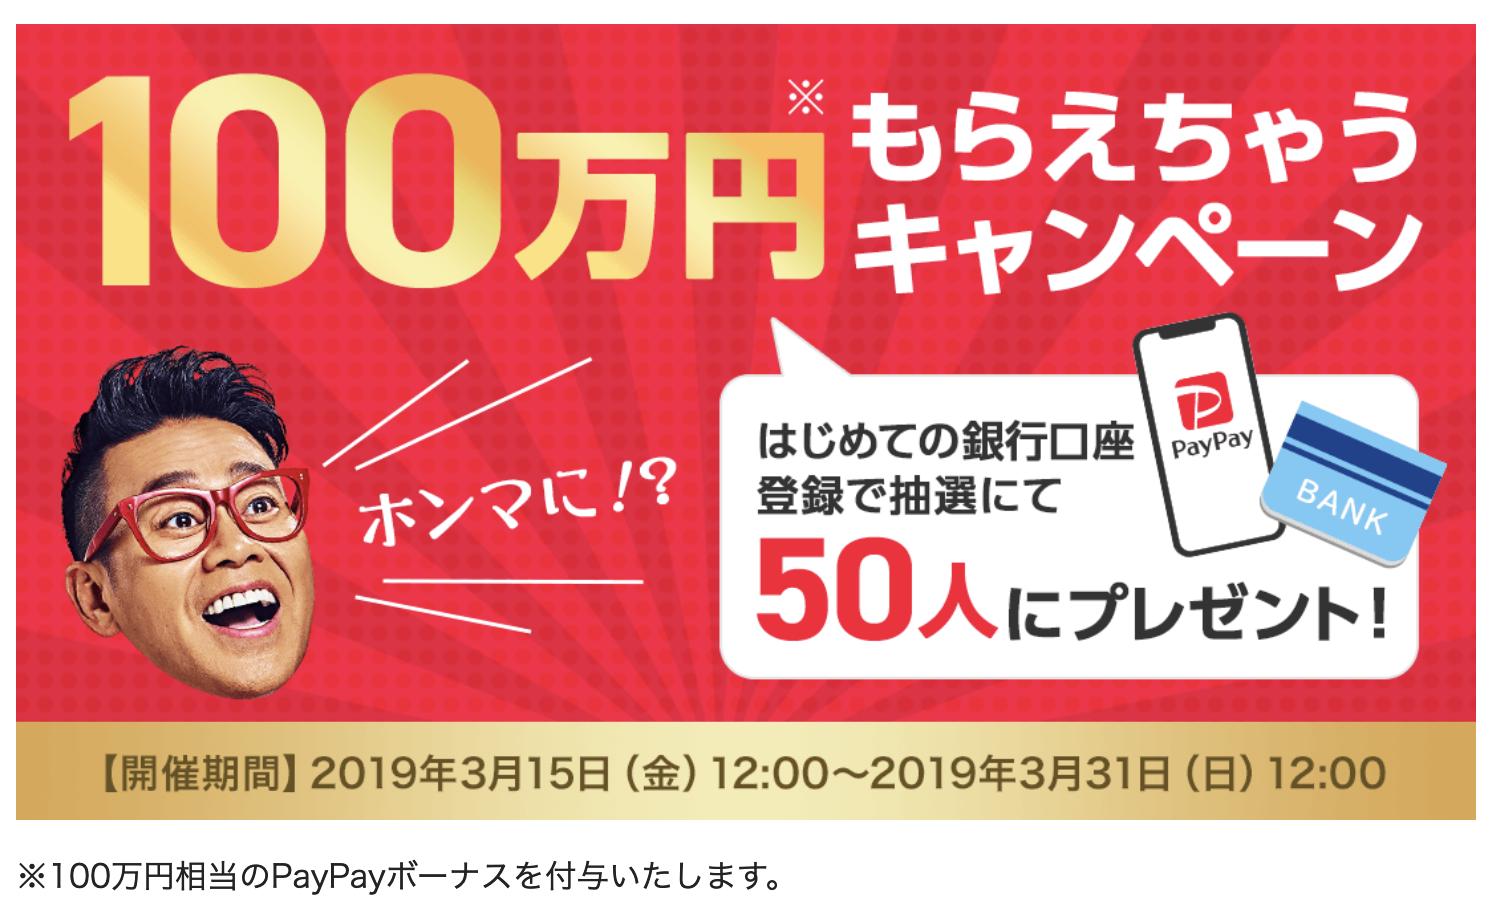 100万円もらえちゃうキャンペーン開催